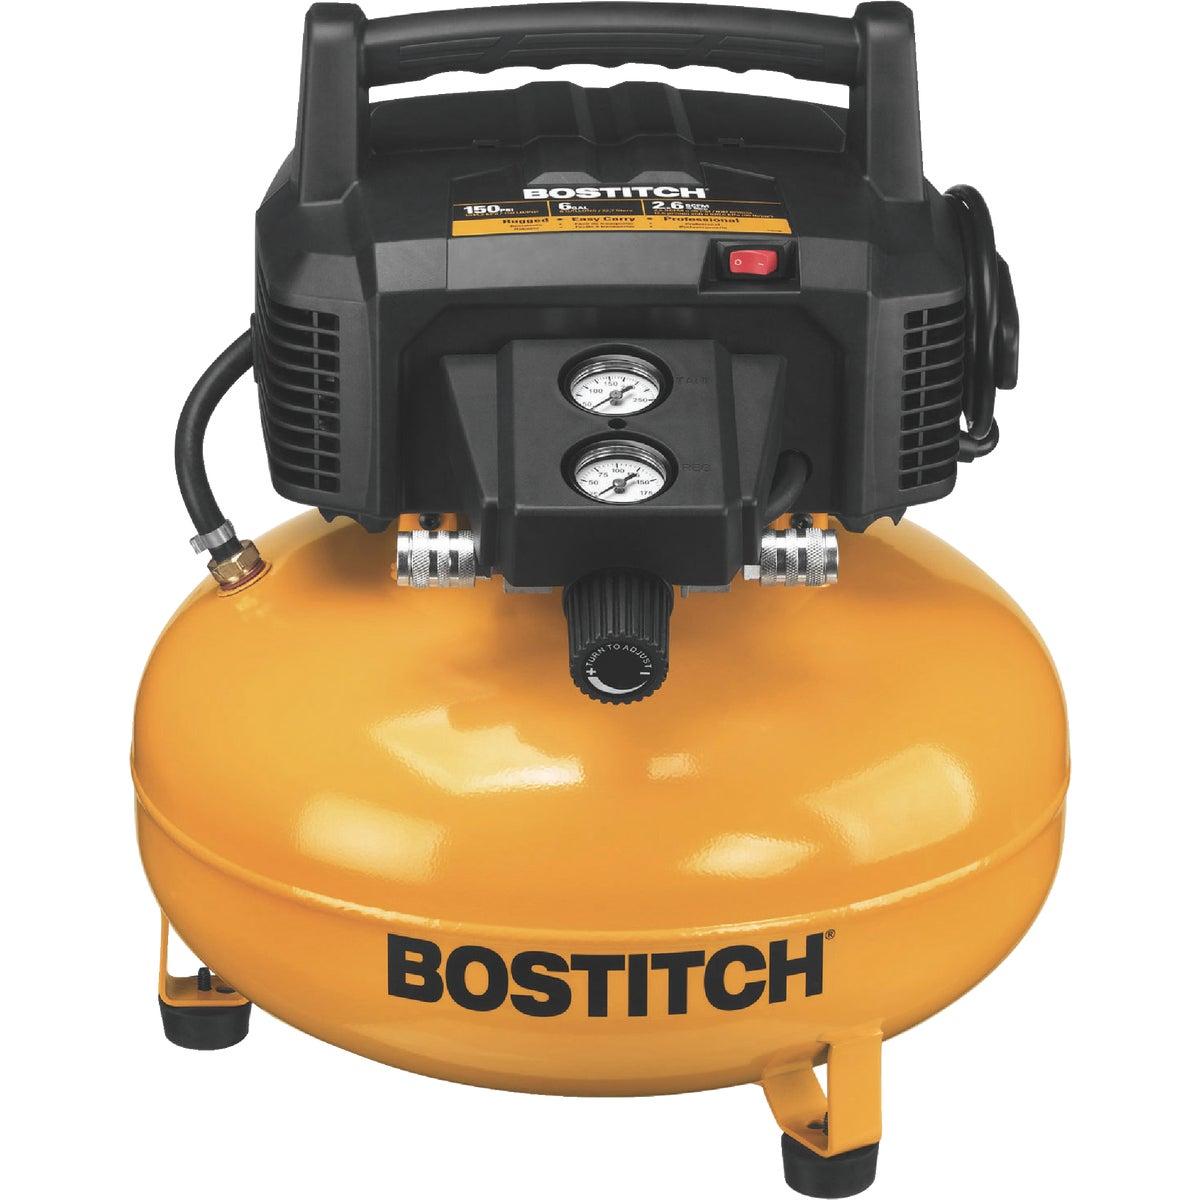 Bostitch 6 Gal. Pancake Air Compressor